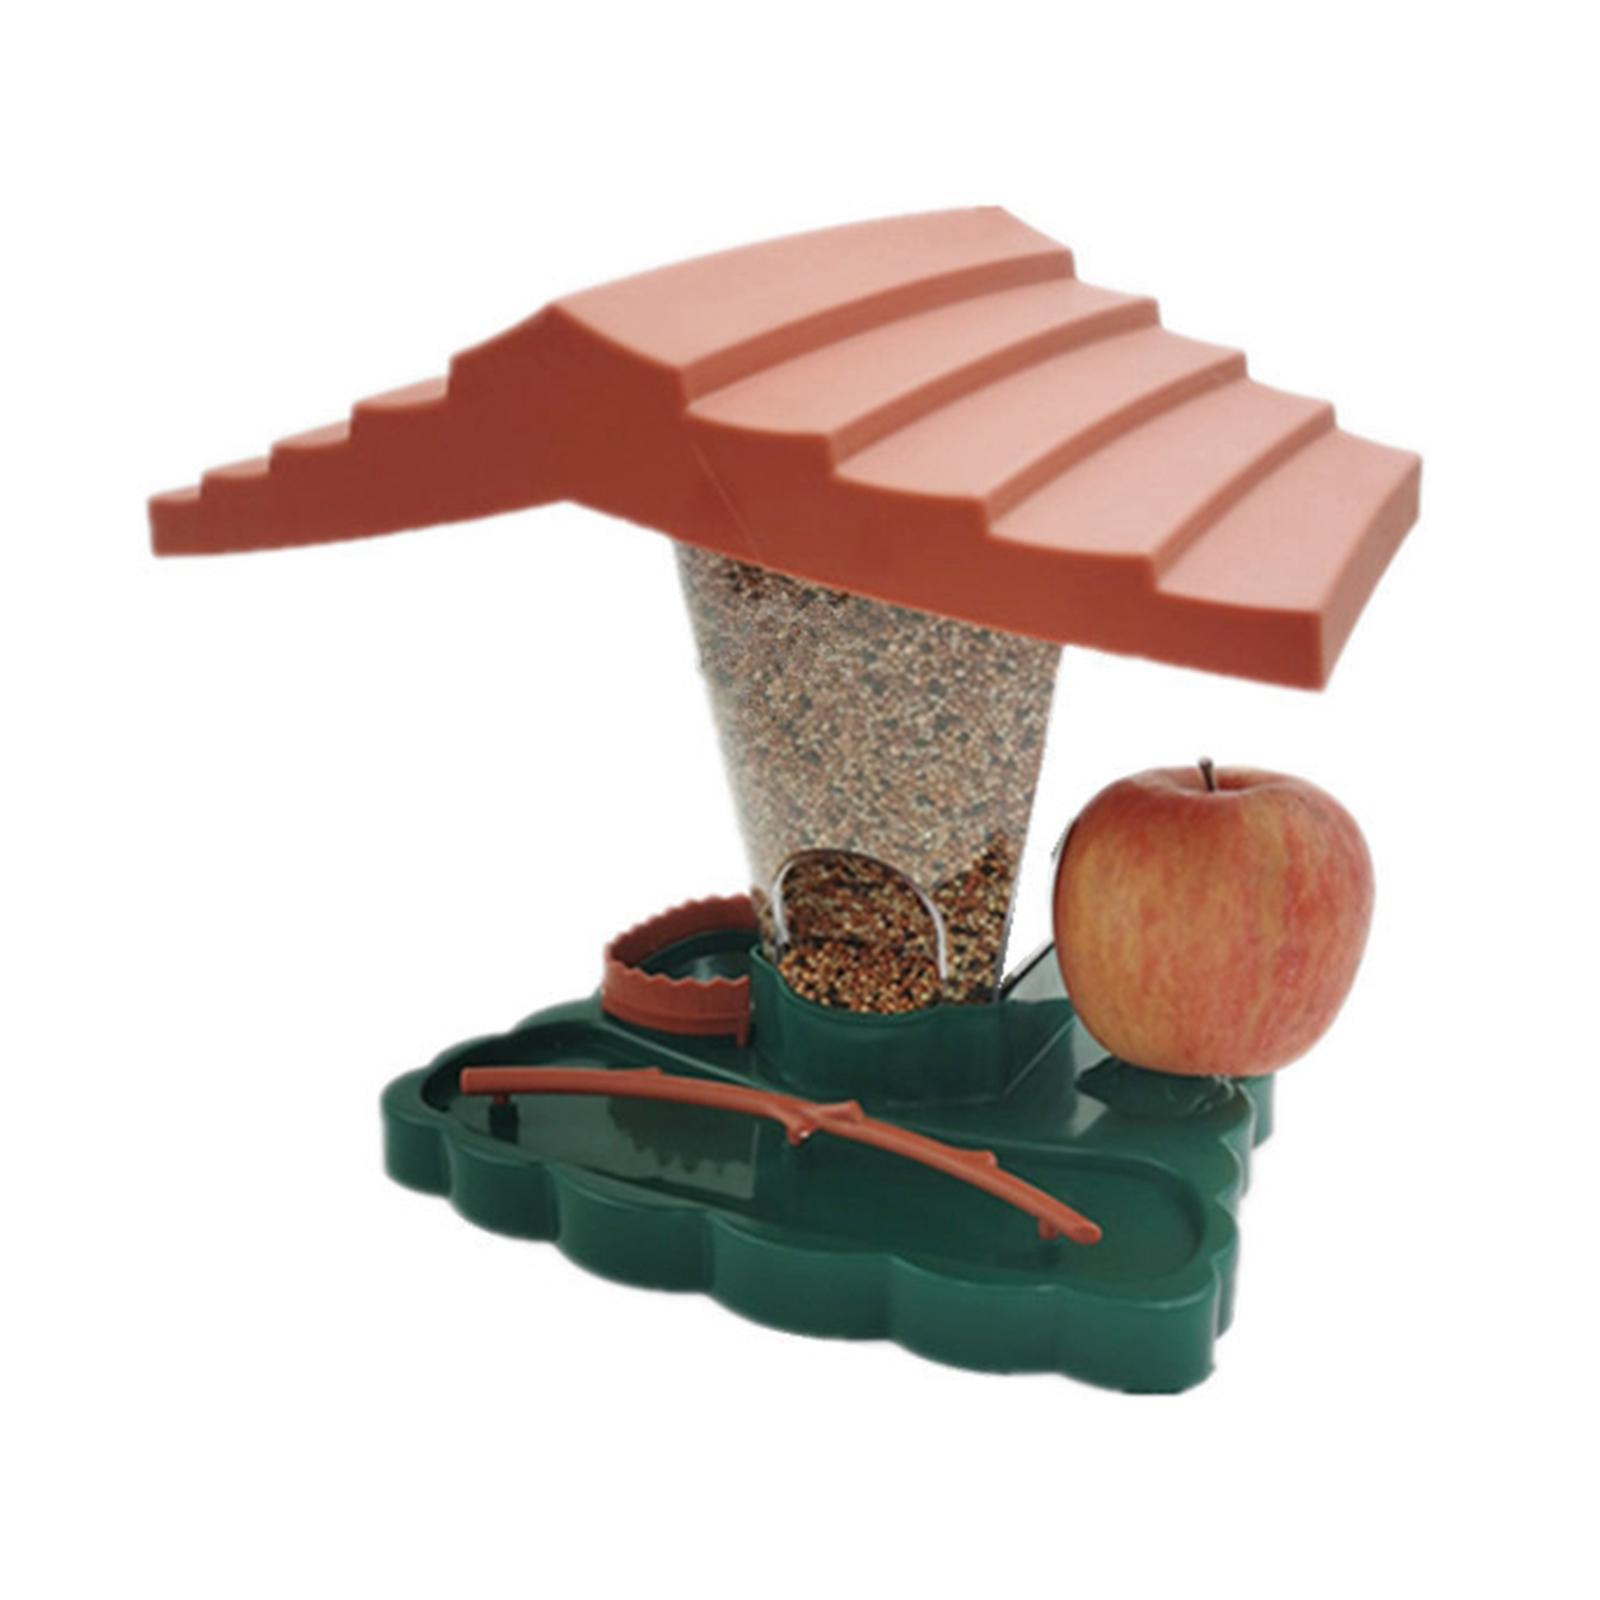 thumbnail 3 - Prime Suspendus Mangeoire pour les Oiseaux Sauvages pour Jardin Cour